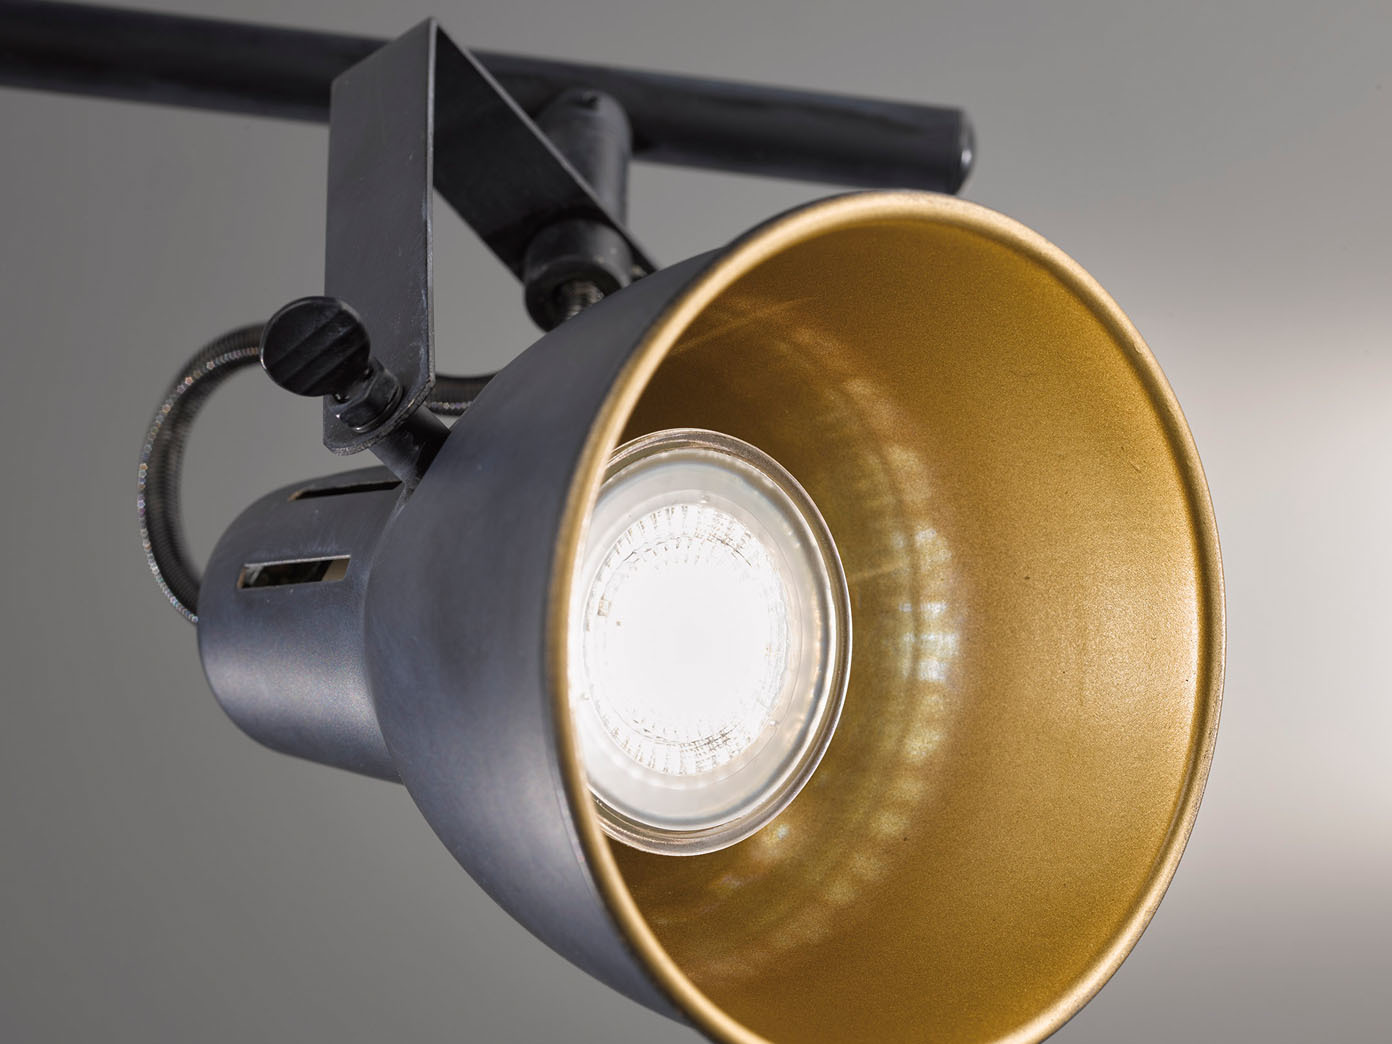 Retro Flur Lampen Decken Leuchten Wohn Schlaf Zimmer Beleuchtung Rost Goldfarben